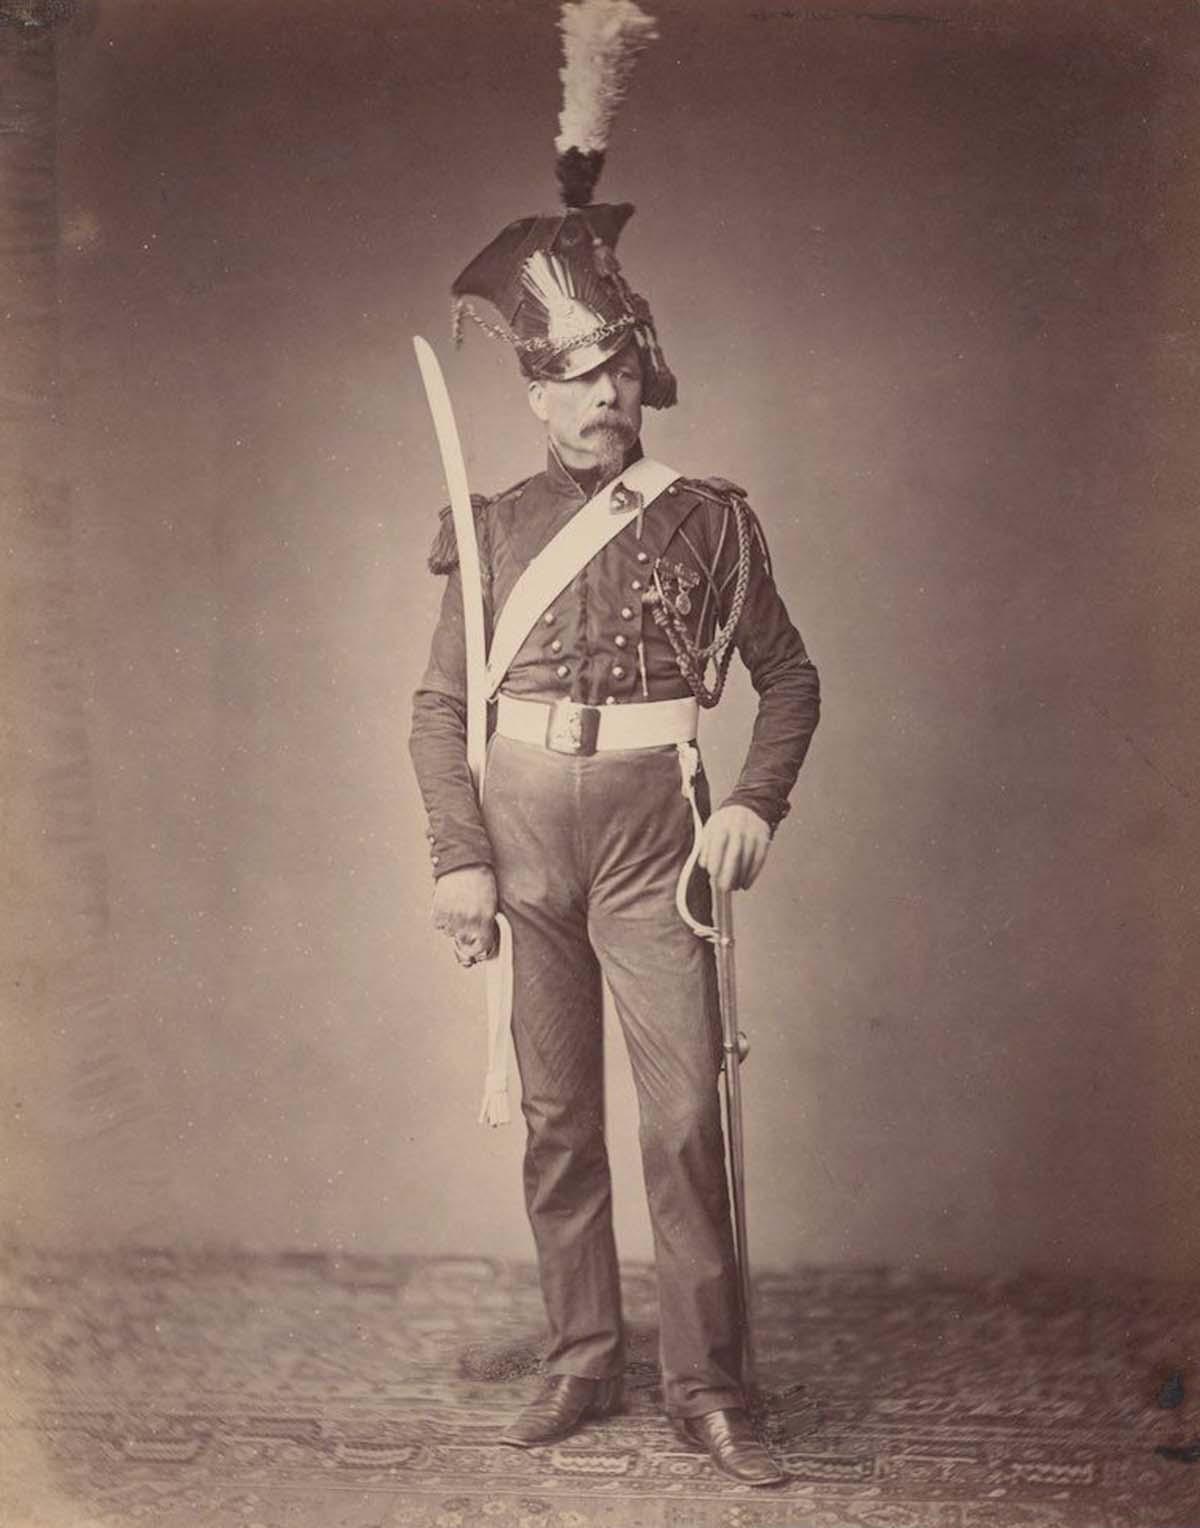 Monsieur. Verlinde of the 2nd Lancers.